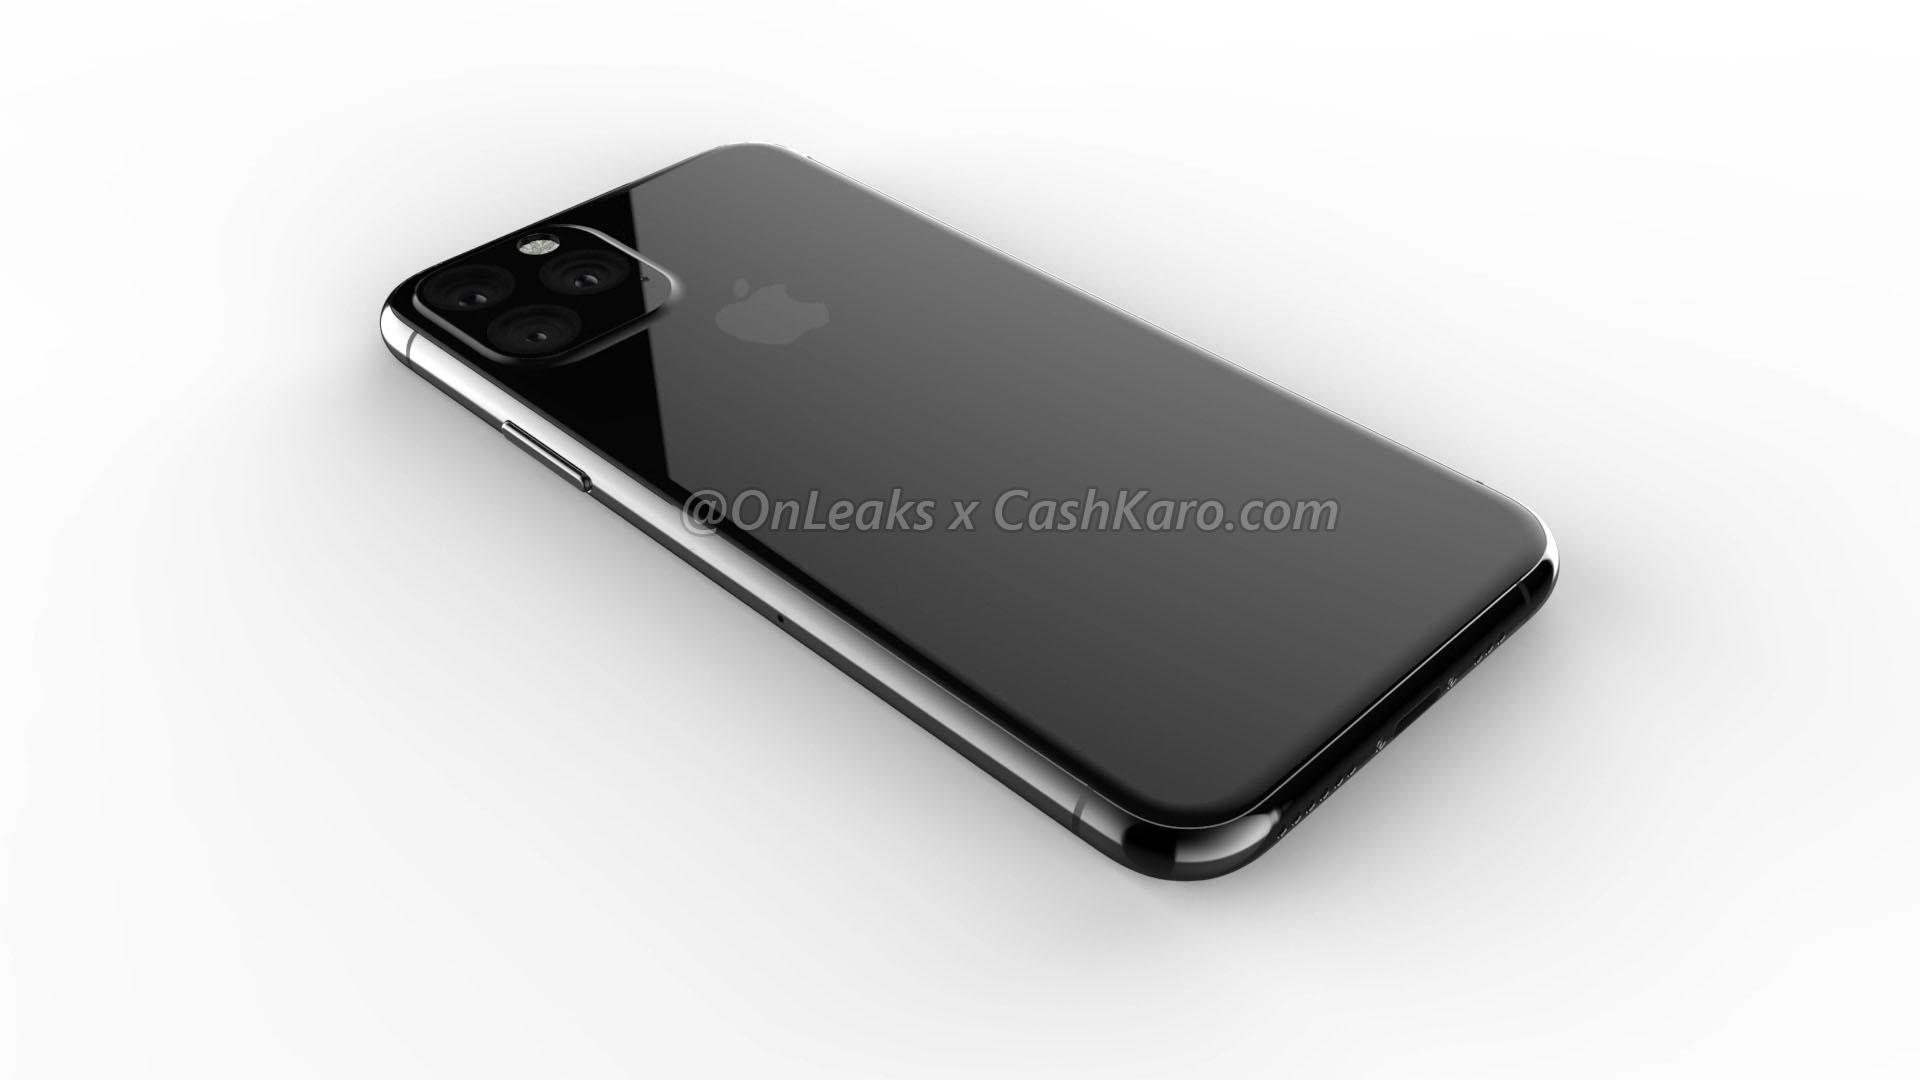 Apple iPhone 2019 11 XI Xs rendery Onleaks kiedy premiera przecieki plotki